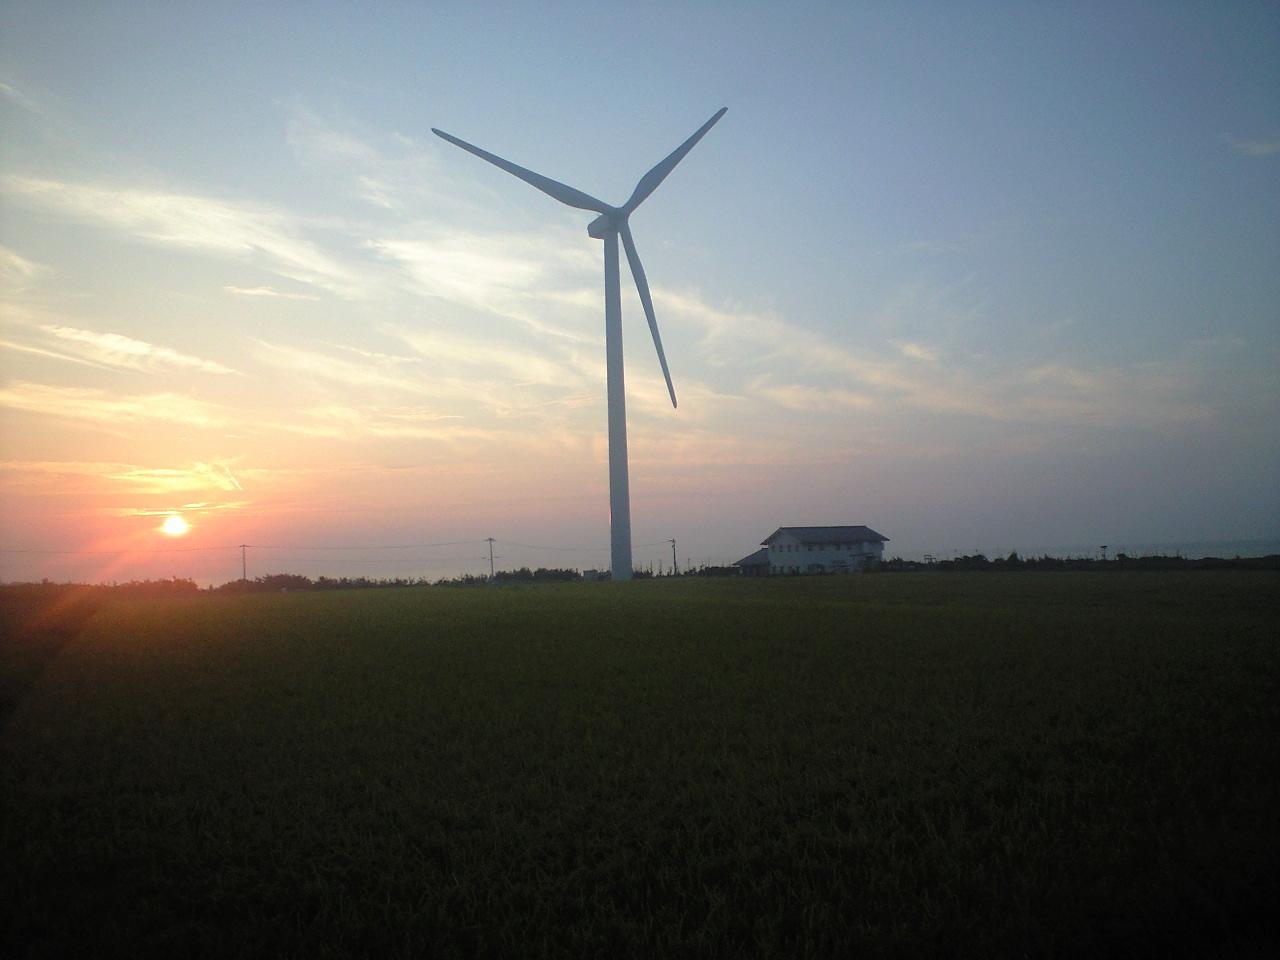 風車と夕日と稲穂と